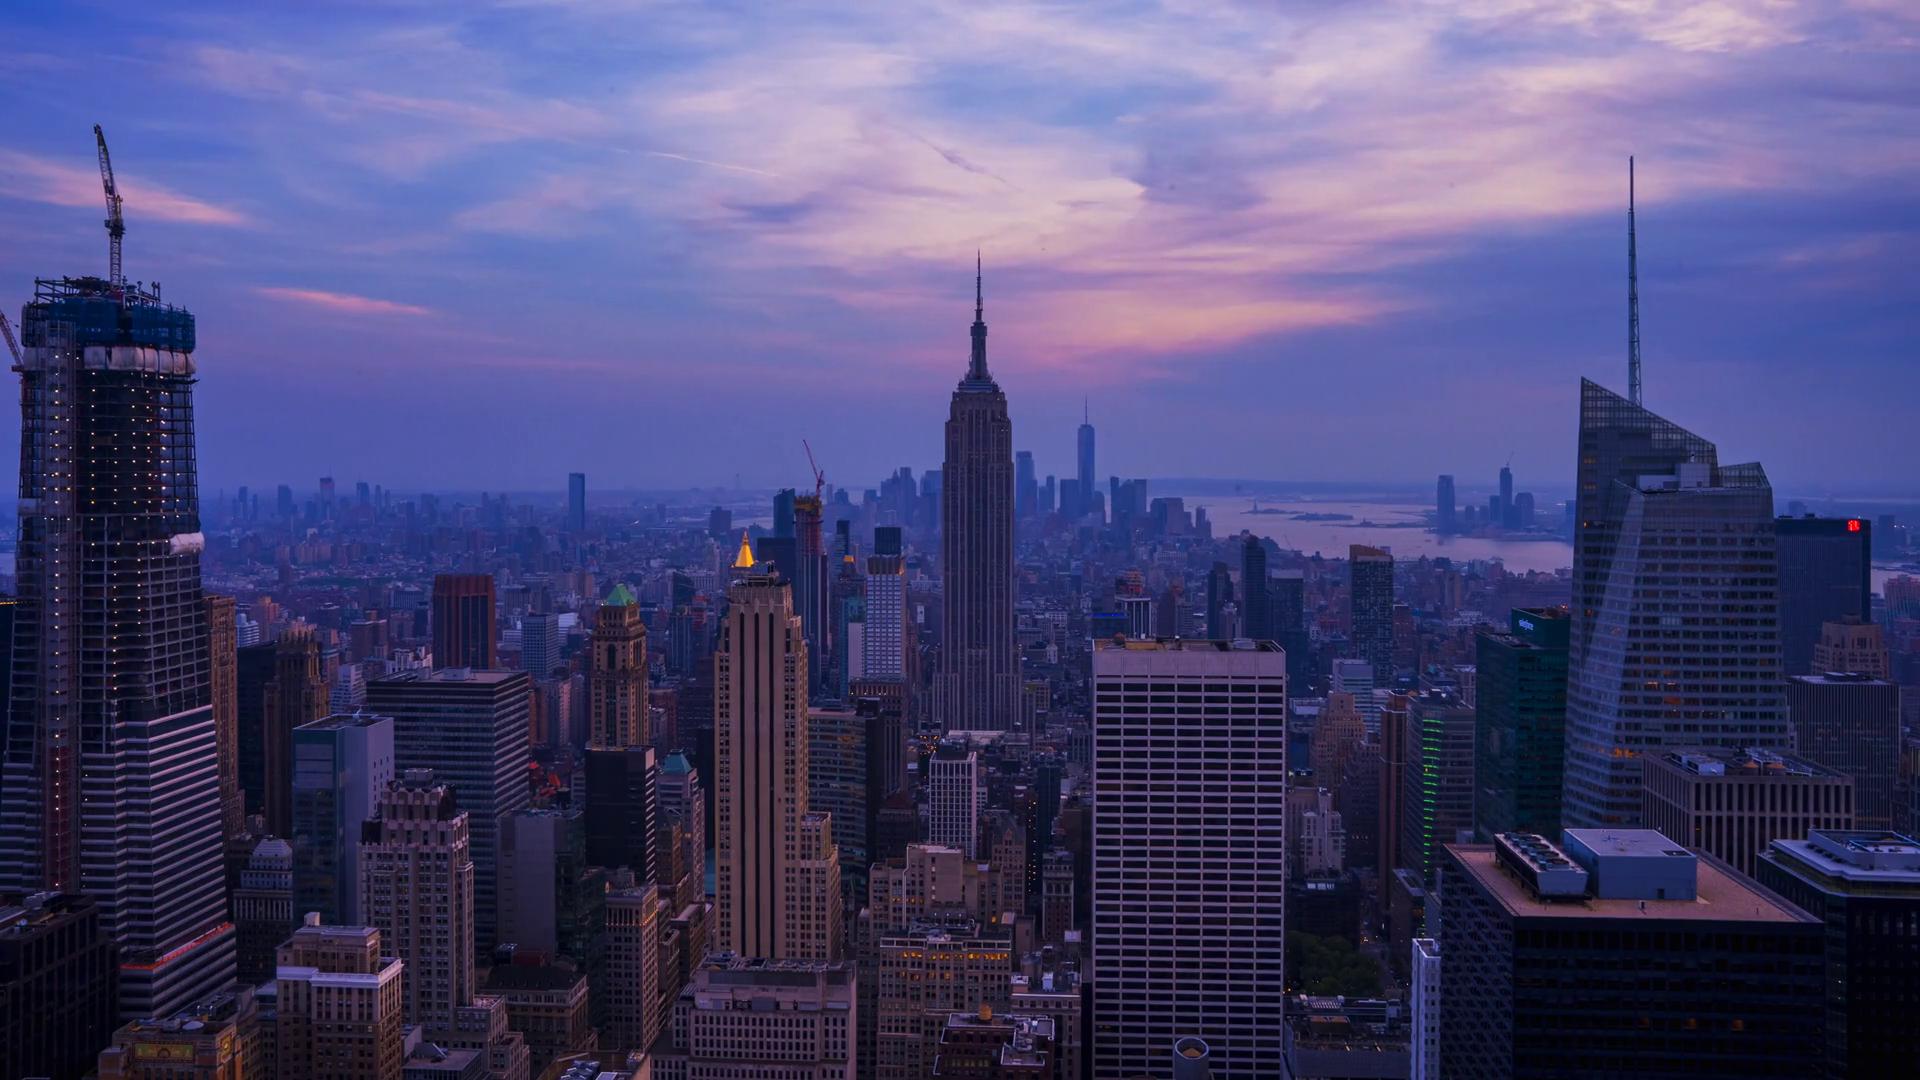 Обои buildings, downtown, skyscrapers, Sunset, сша, new york city. Города